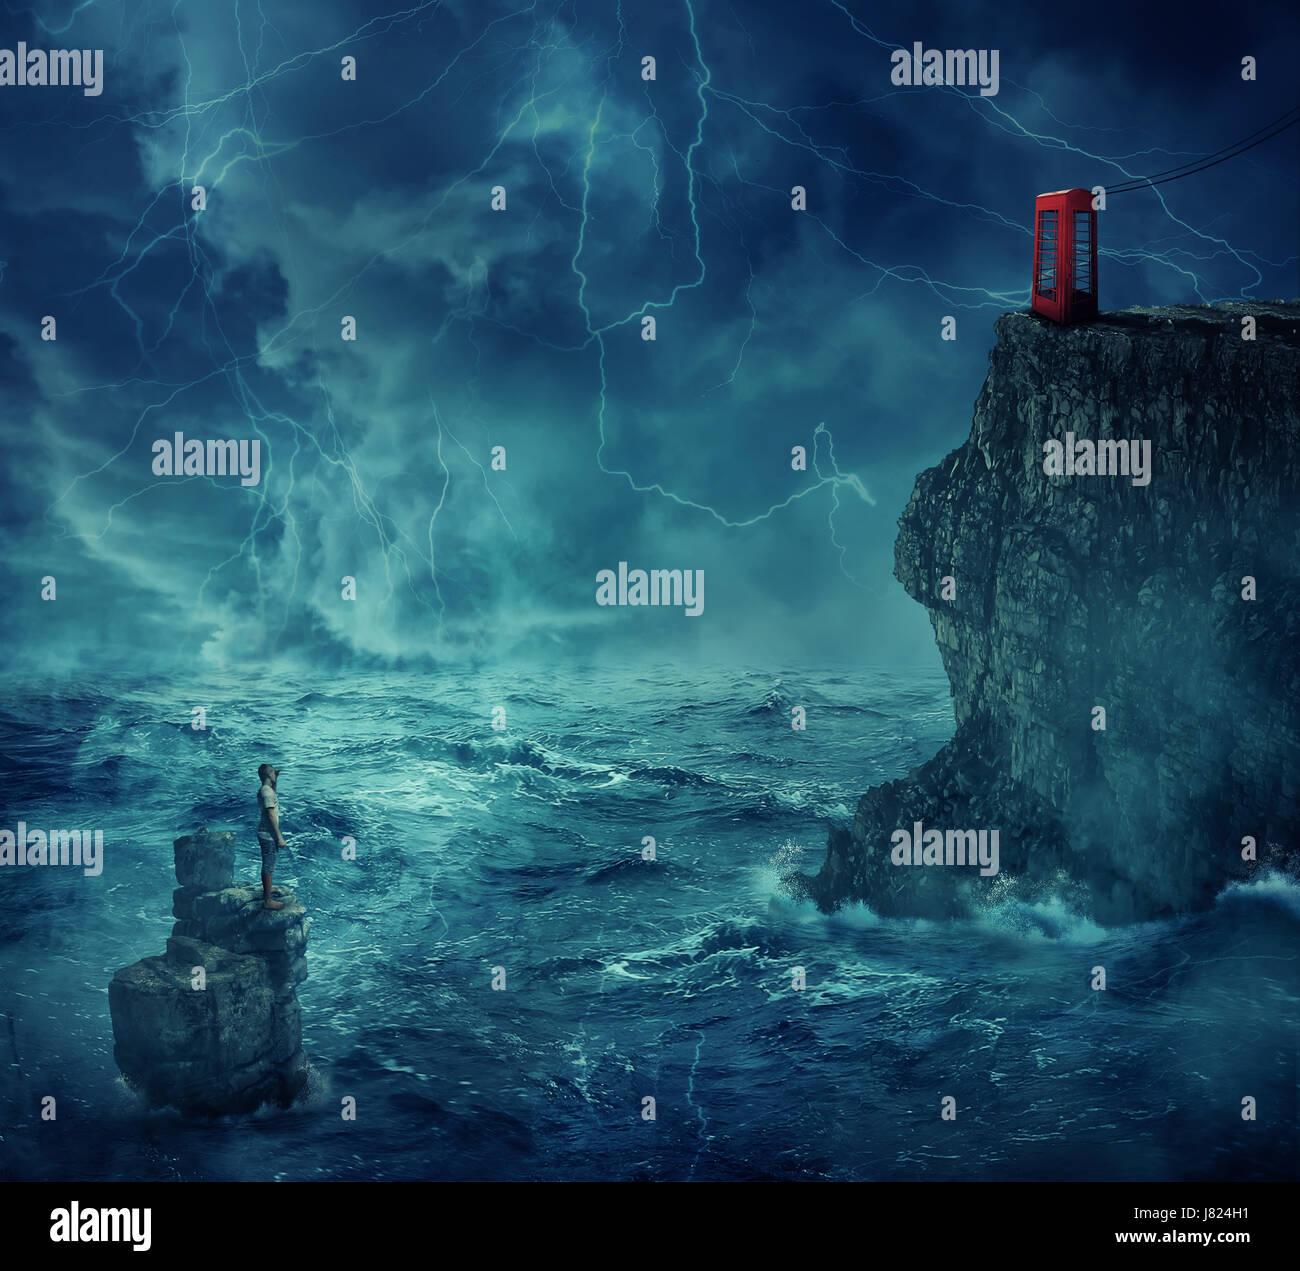 Mann verlassen im Ozean stehen auf einer Felseninsel in einer stürmischen Nacht mit Blitze am Himmel verloren. Stockbild